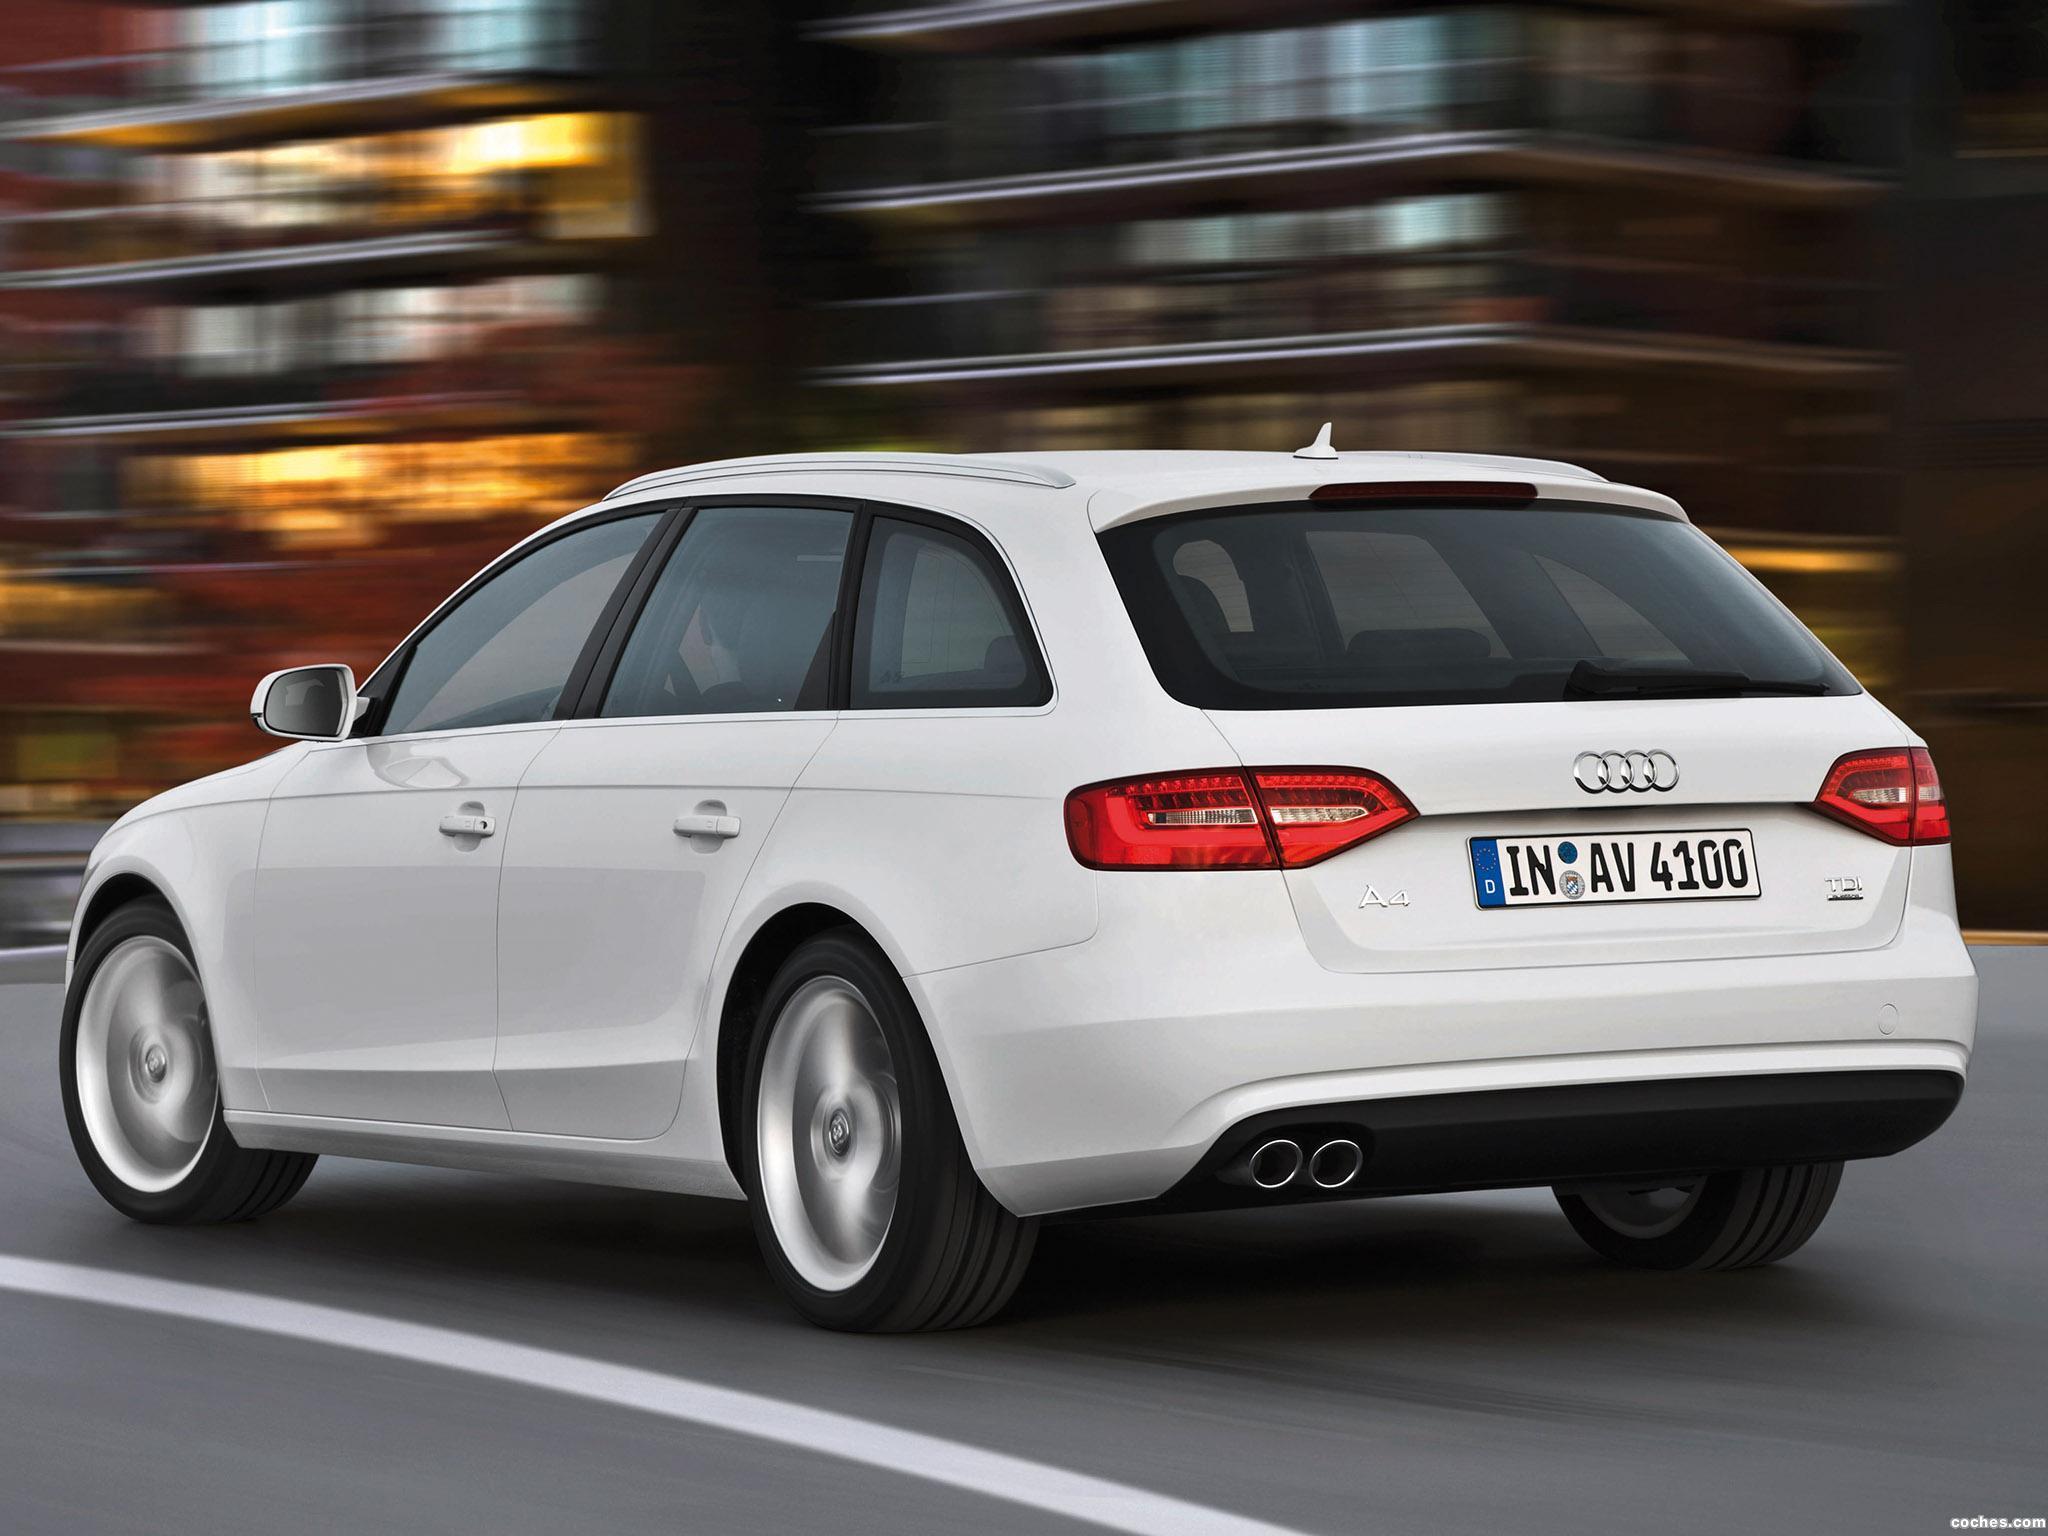 Foto 1 de Audi A4 Avant 2012